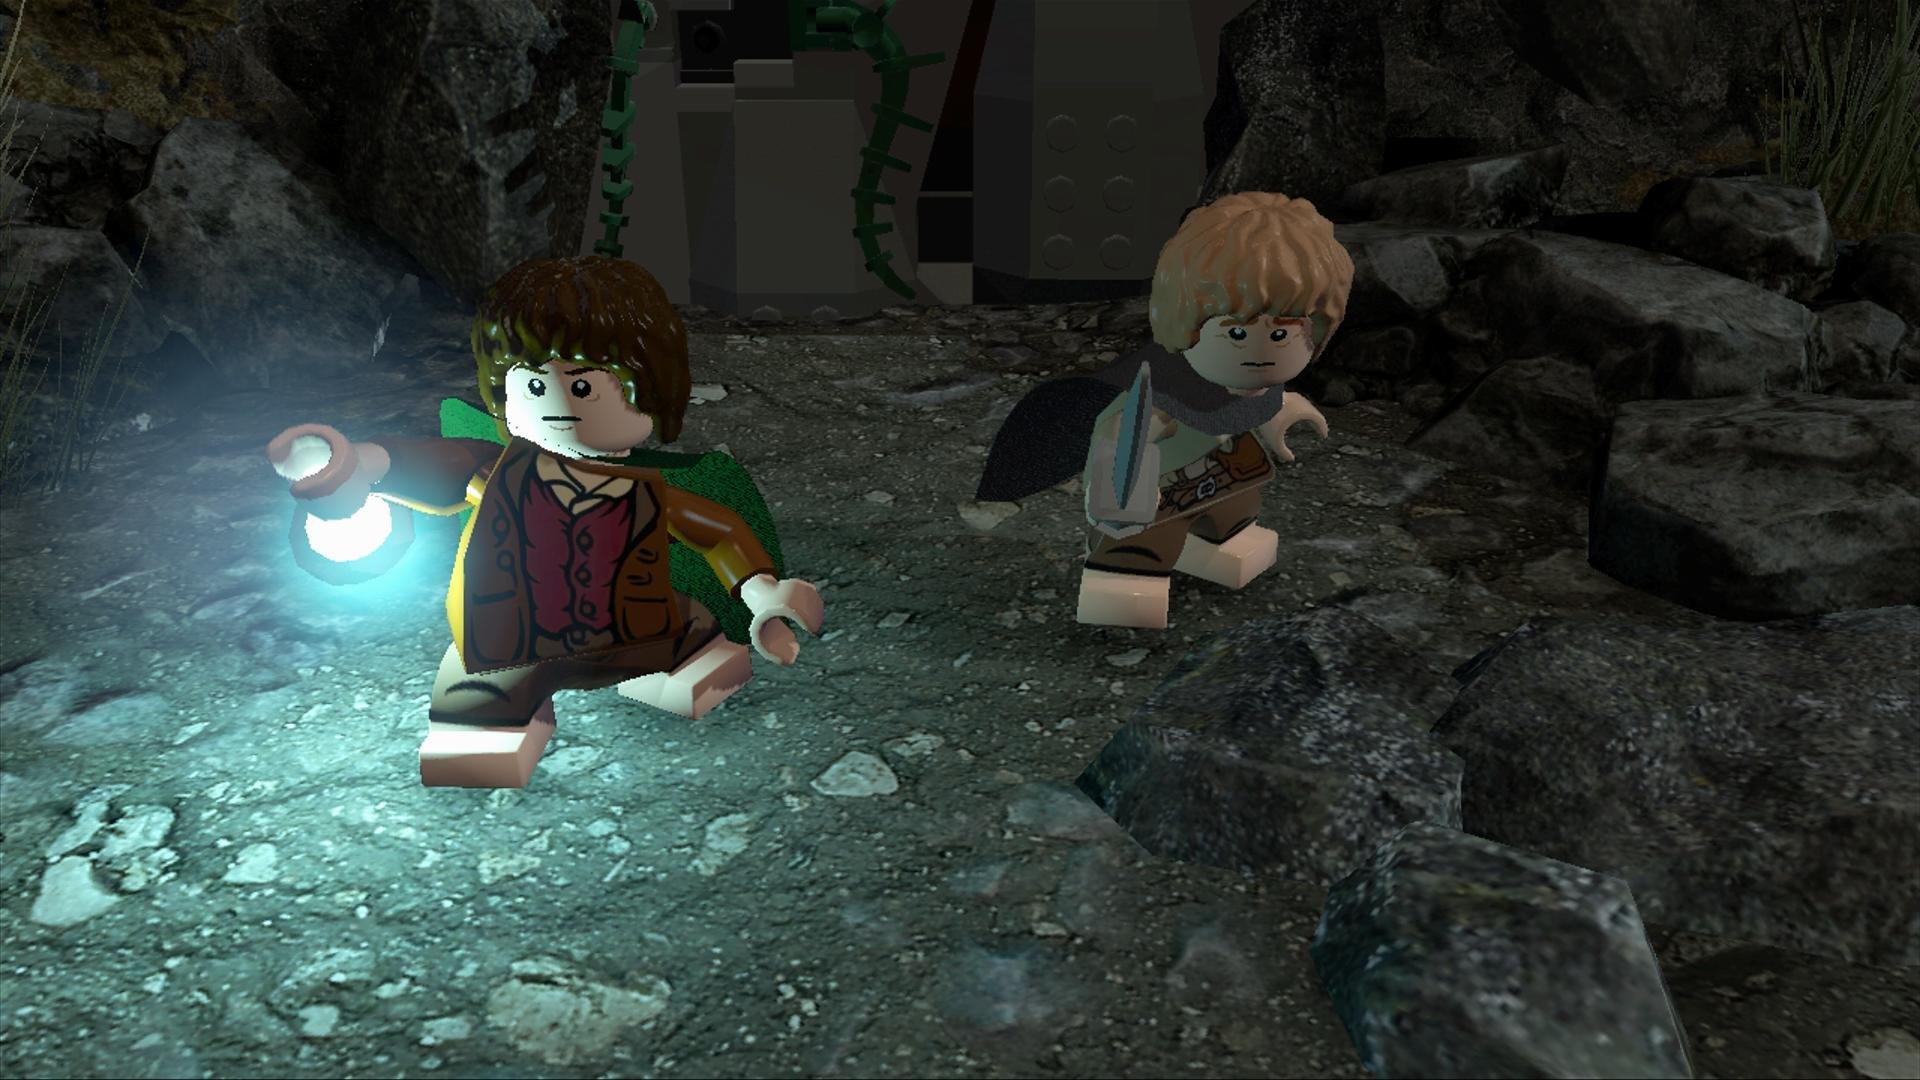 Legolotr_review_a_1920